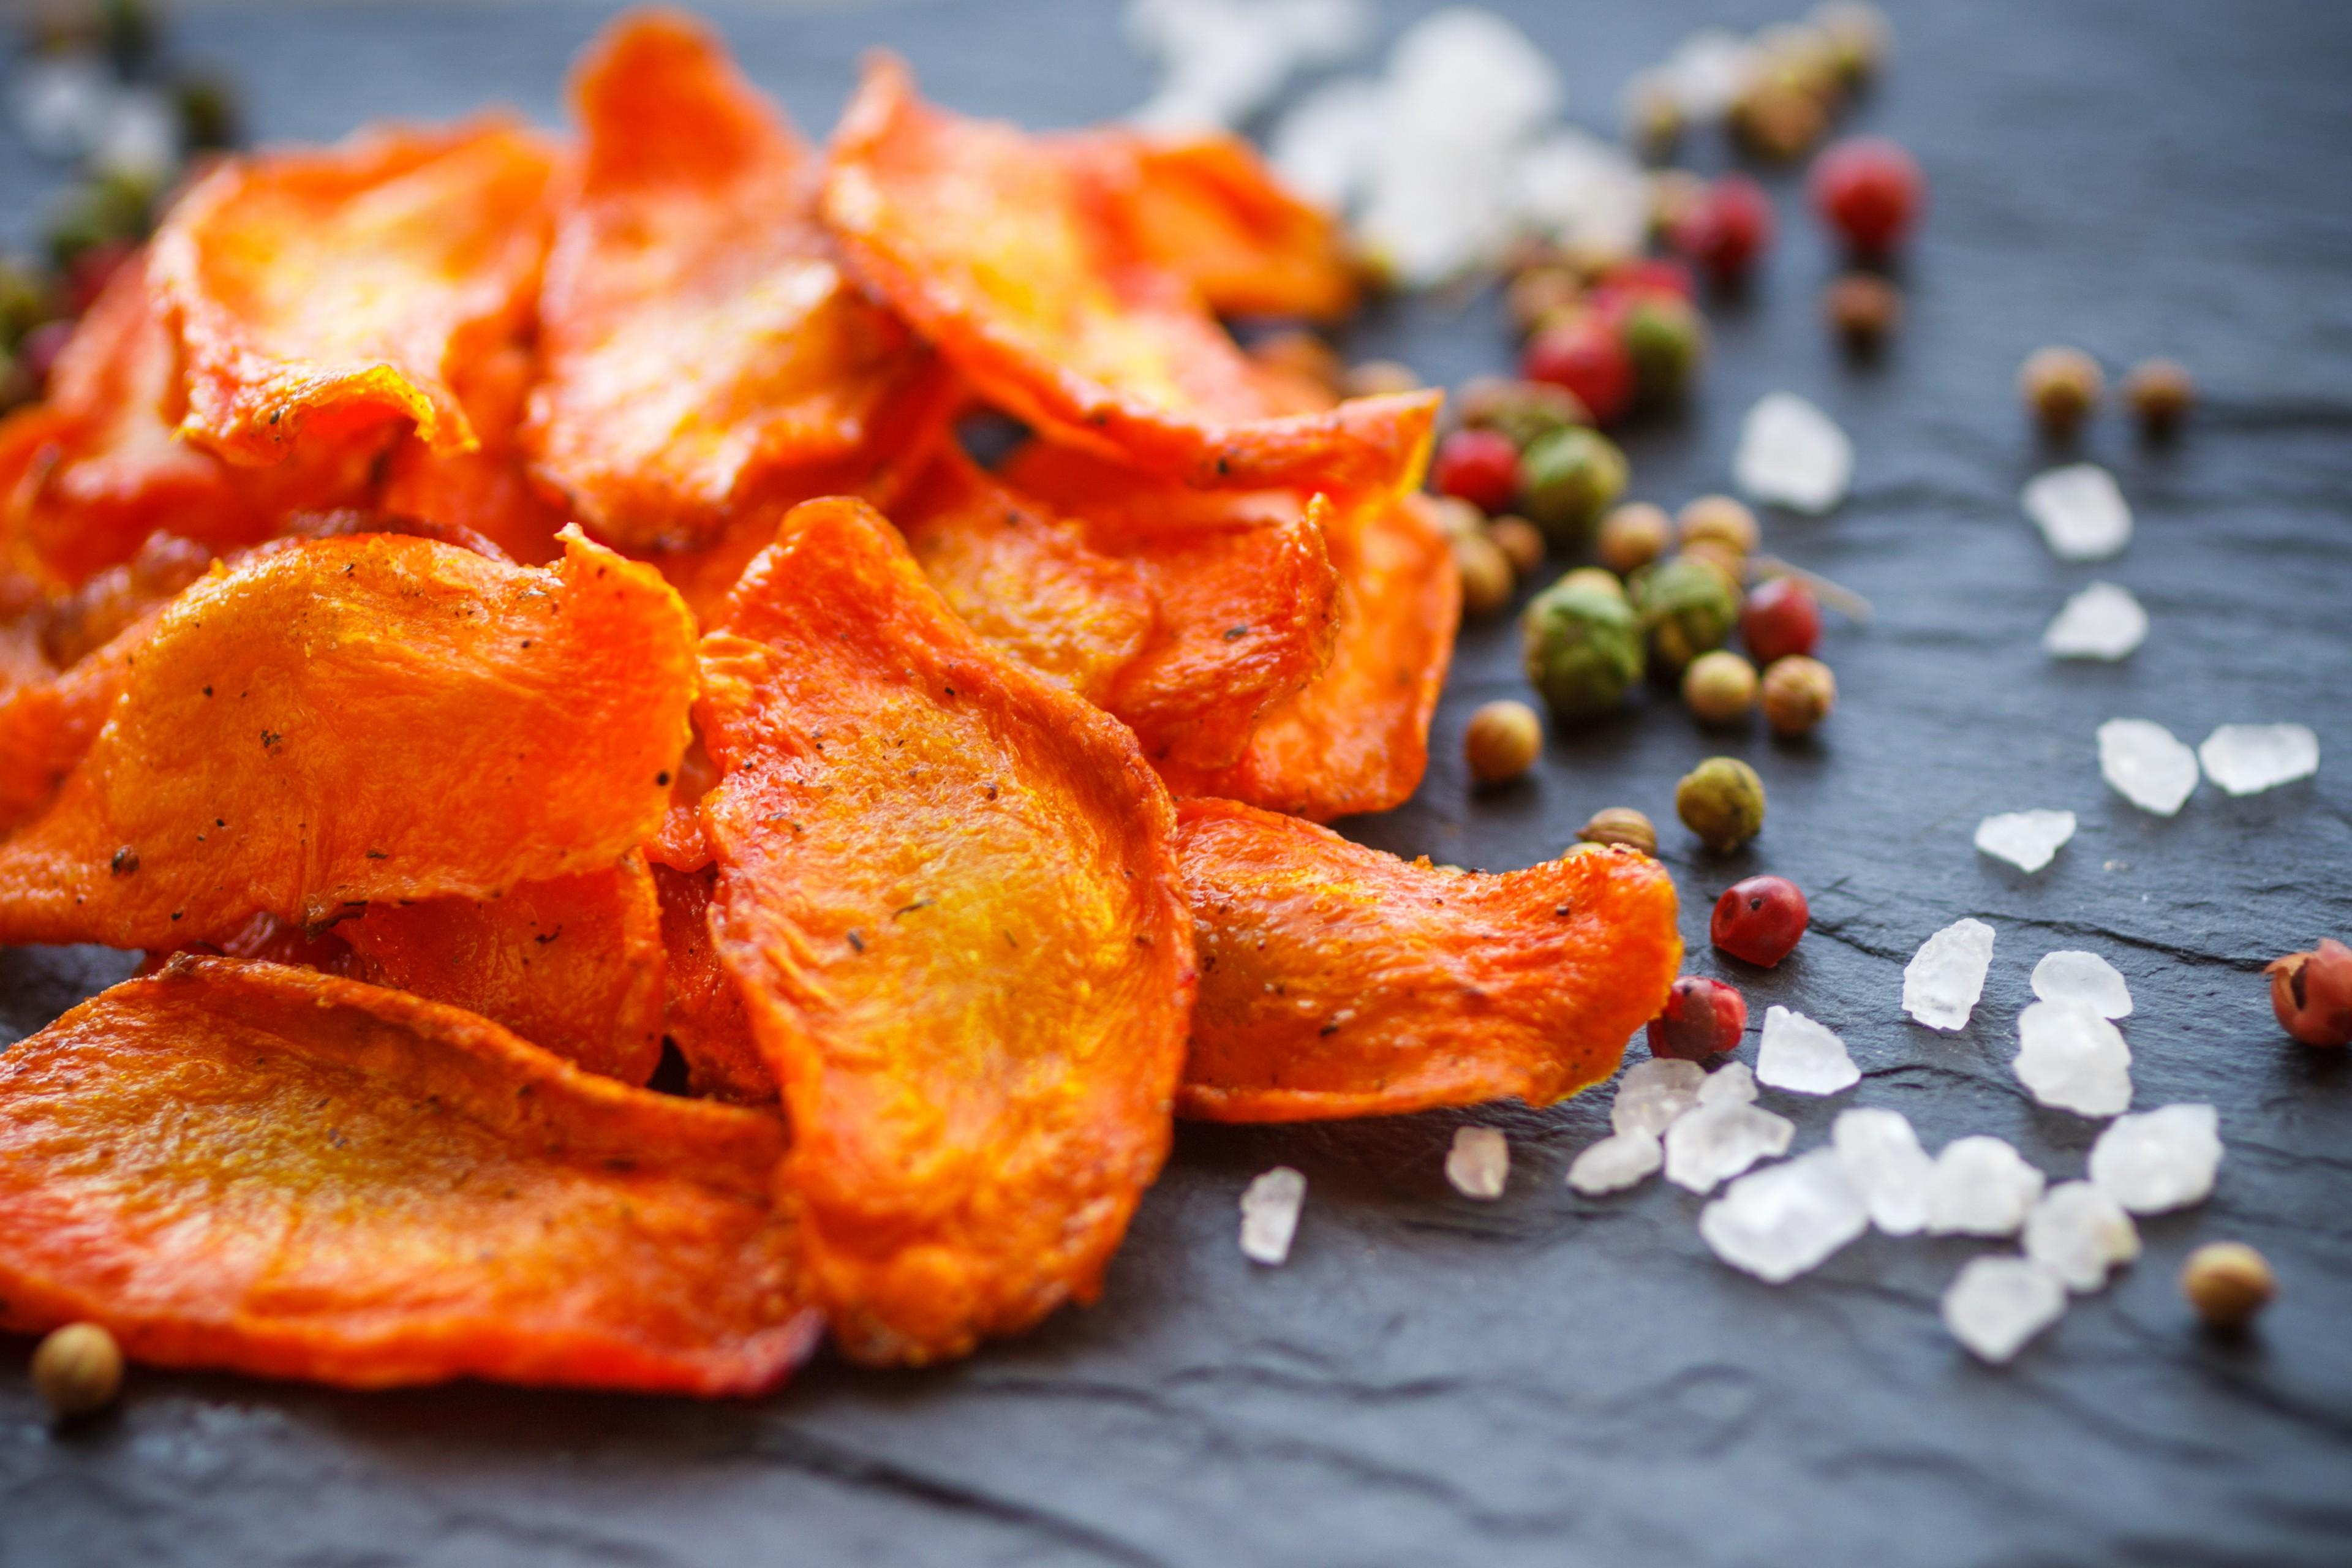 gemüsechips-rezept-karotten-möhren-chips-selber-machen